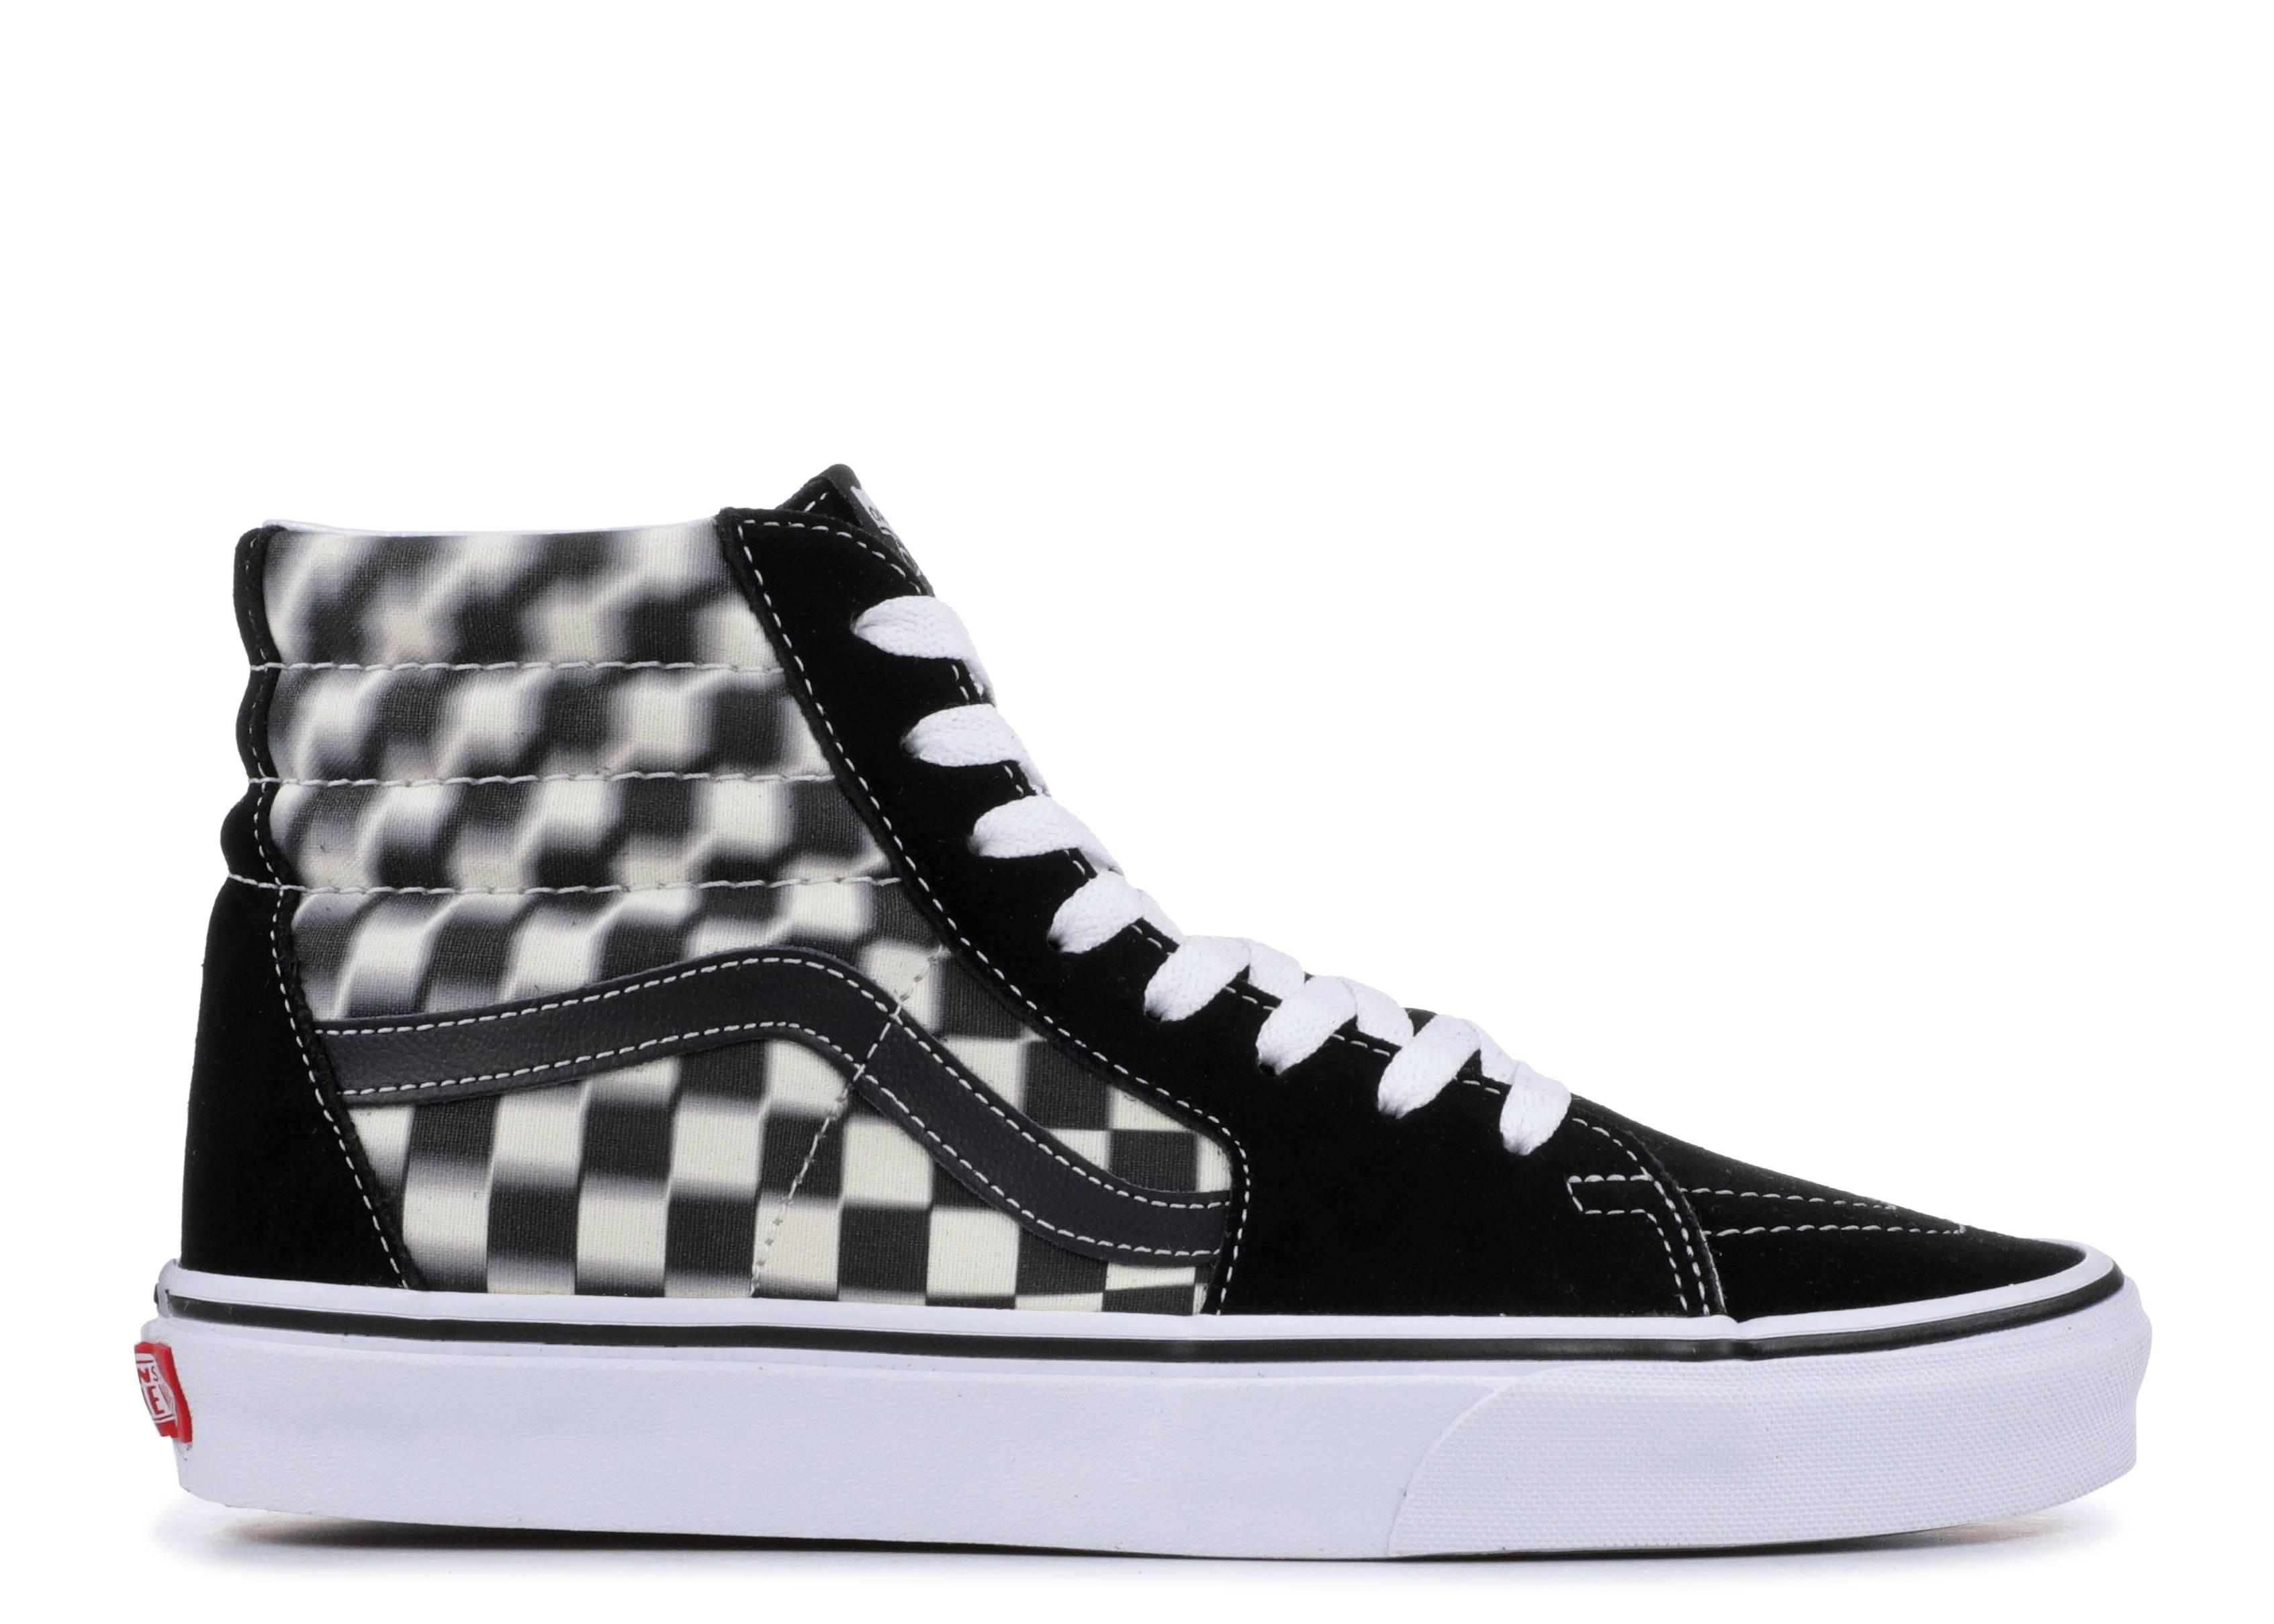 85d97515ec7ce Vans Sneakers - High Tops